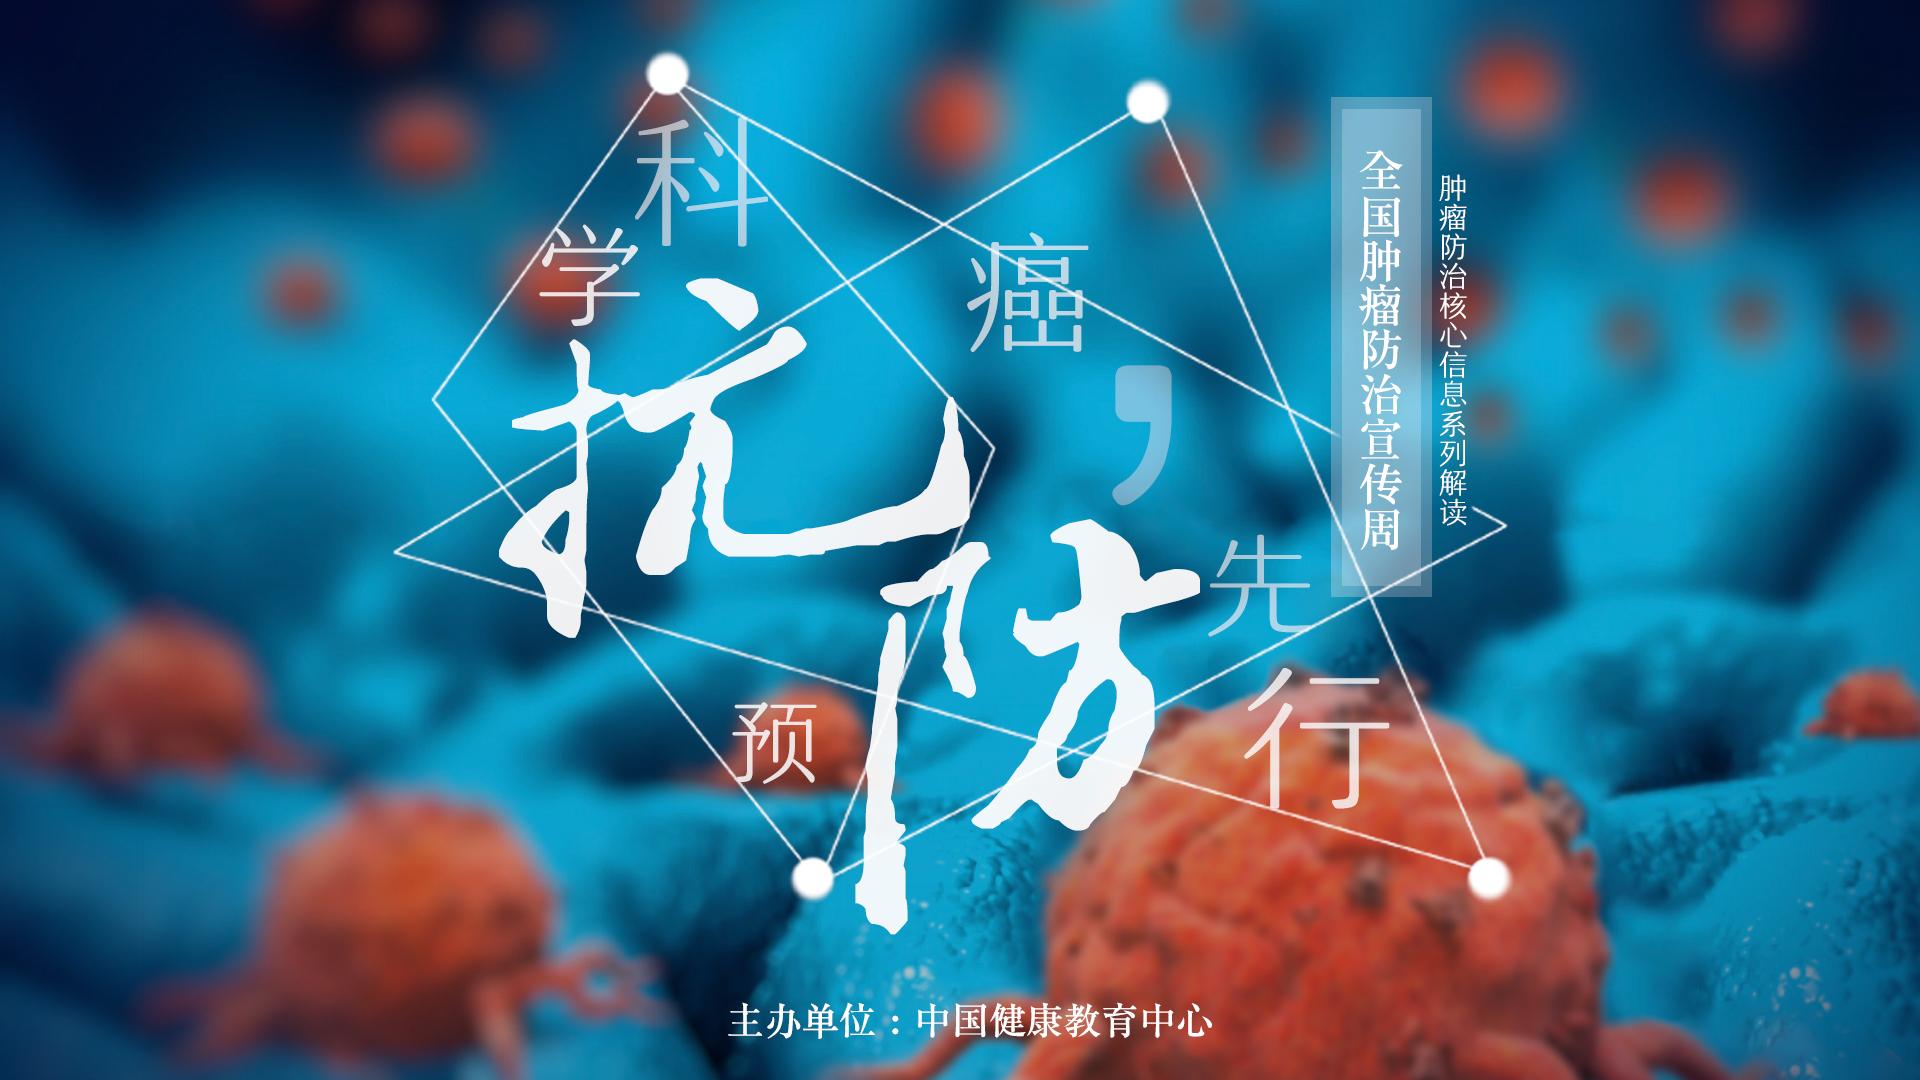 全國腫瘤防治宣傳周 | 石遠凱:中國抗癌之路怎麼走?_癌癥